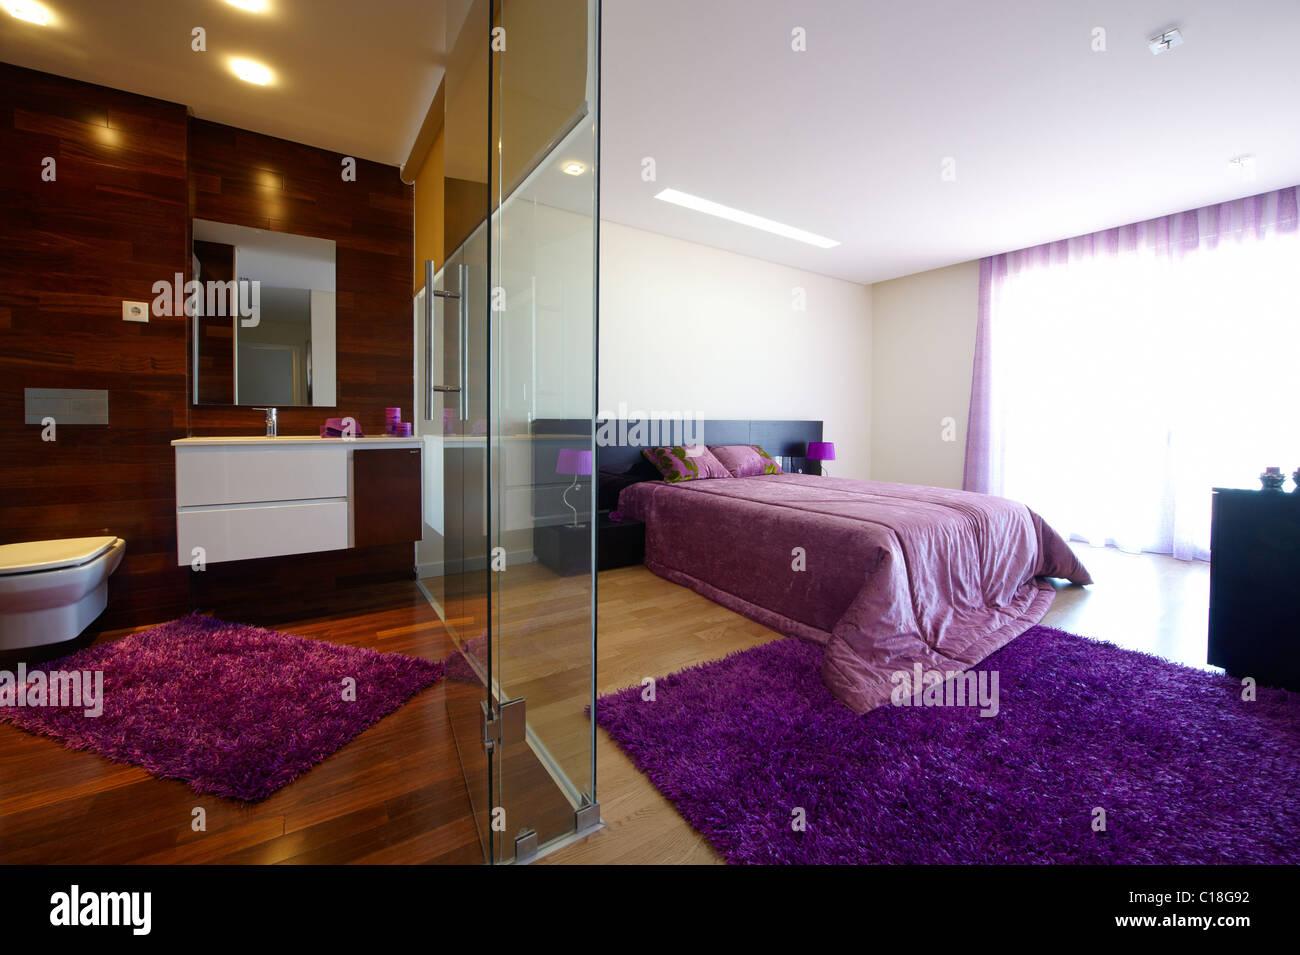 Bagno In Camera Con Vetrata : Camera da letto con bagno separato dal vetro foto & immagine stock